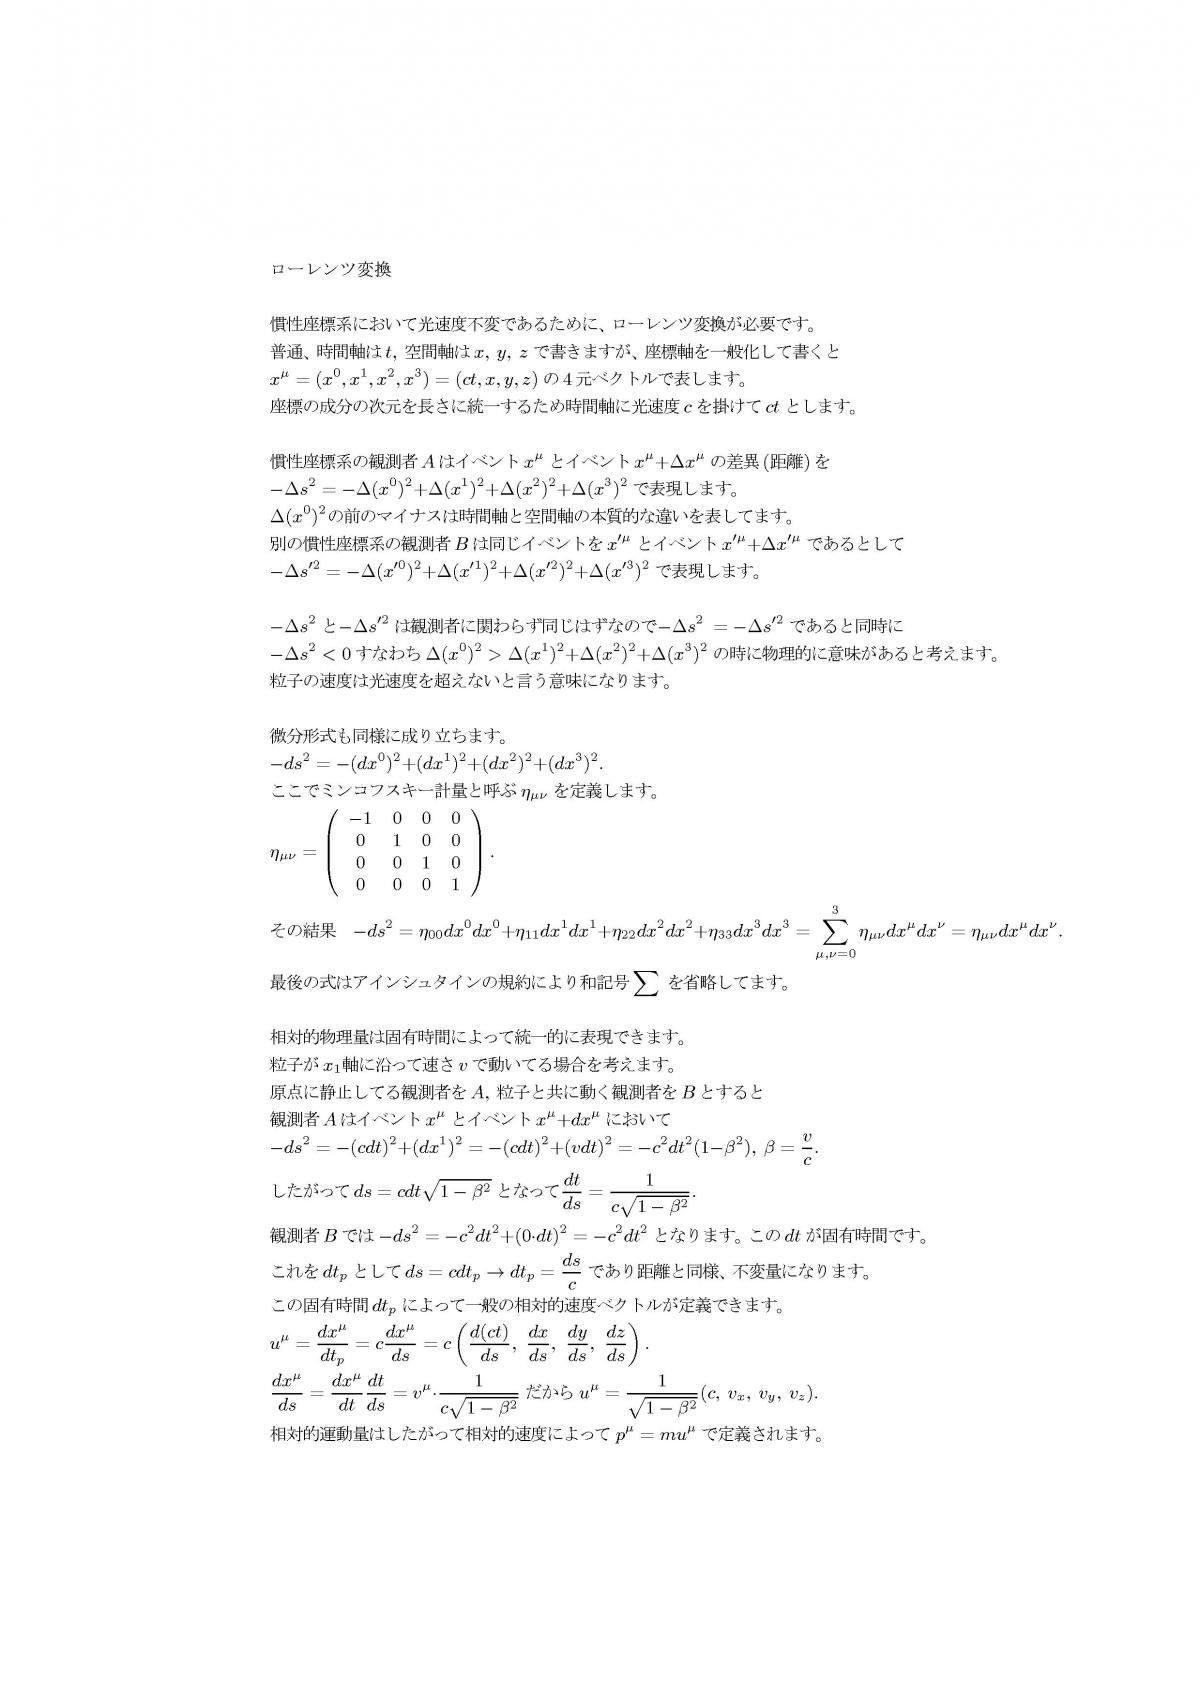 str12.jpg